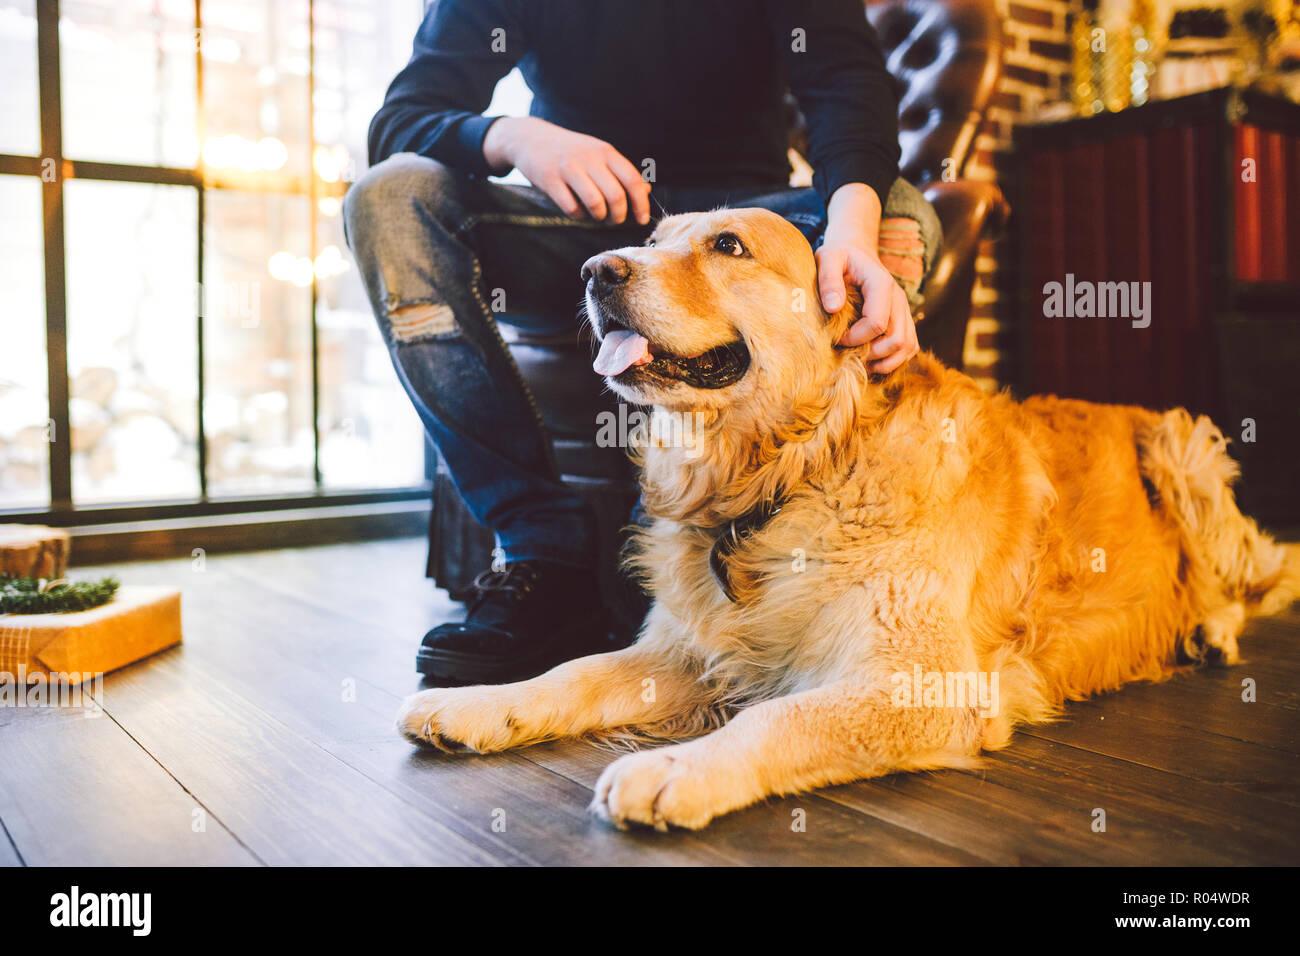 Abrador Immagini Abrador Fotos Stock Alamy